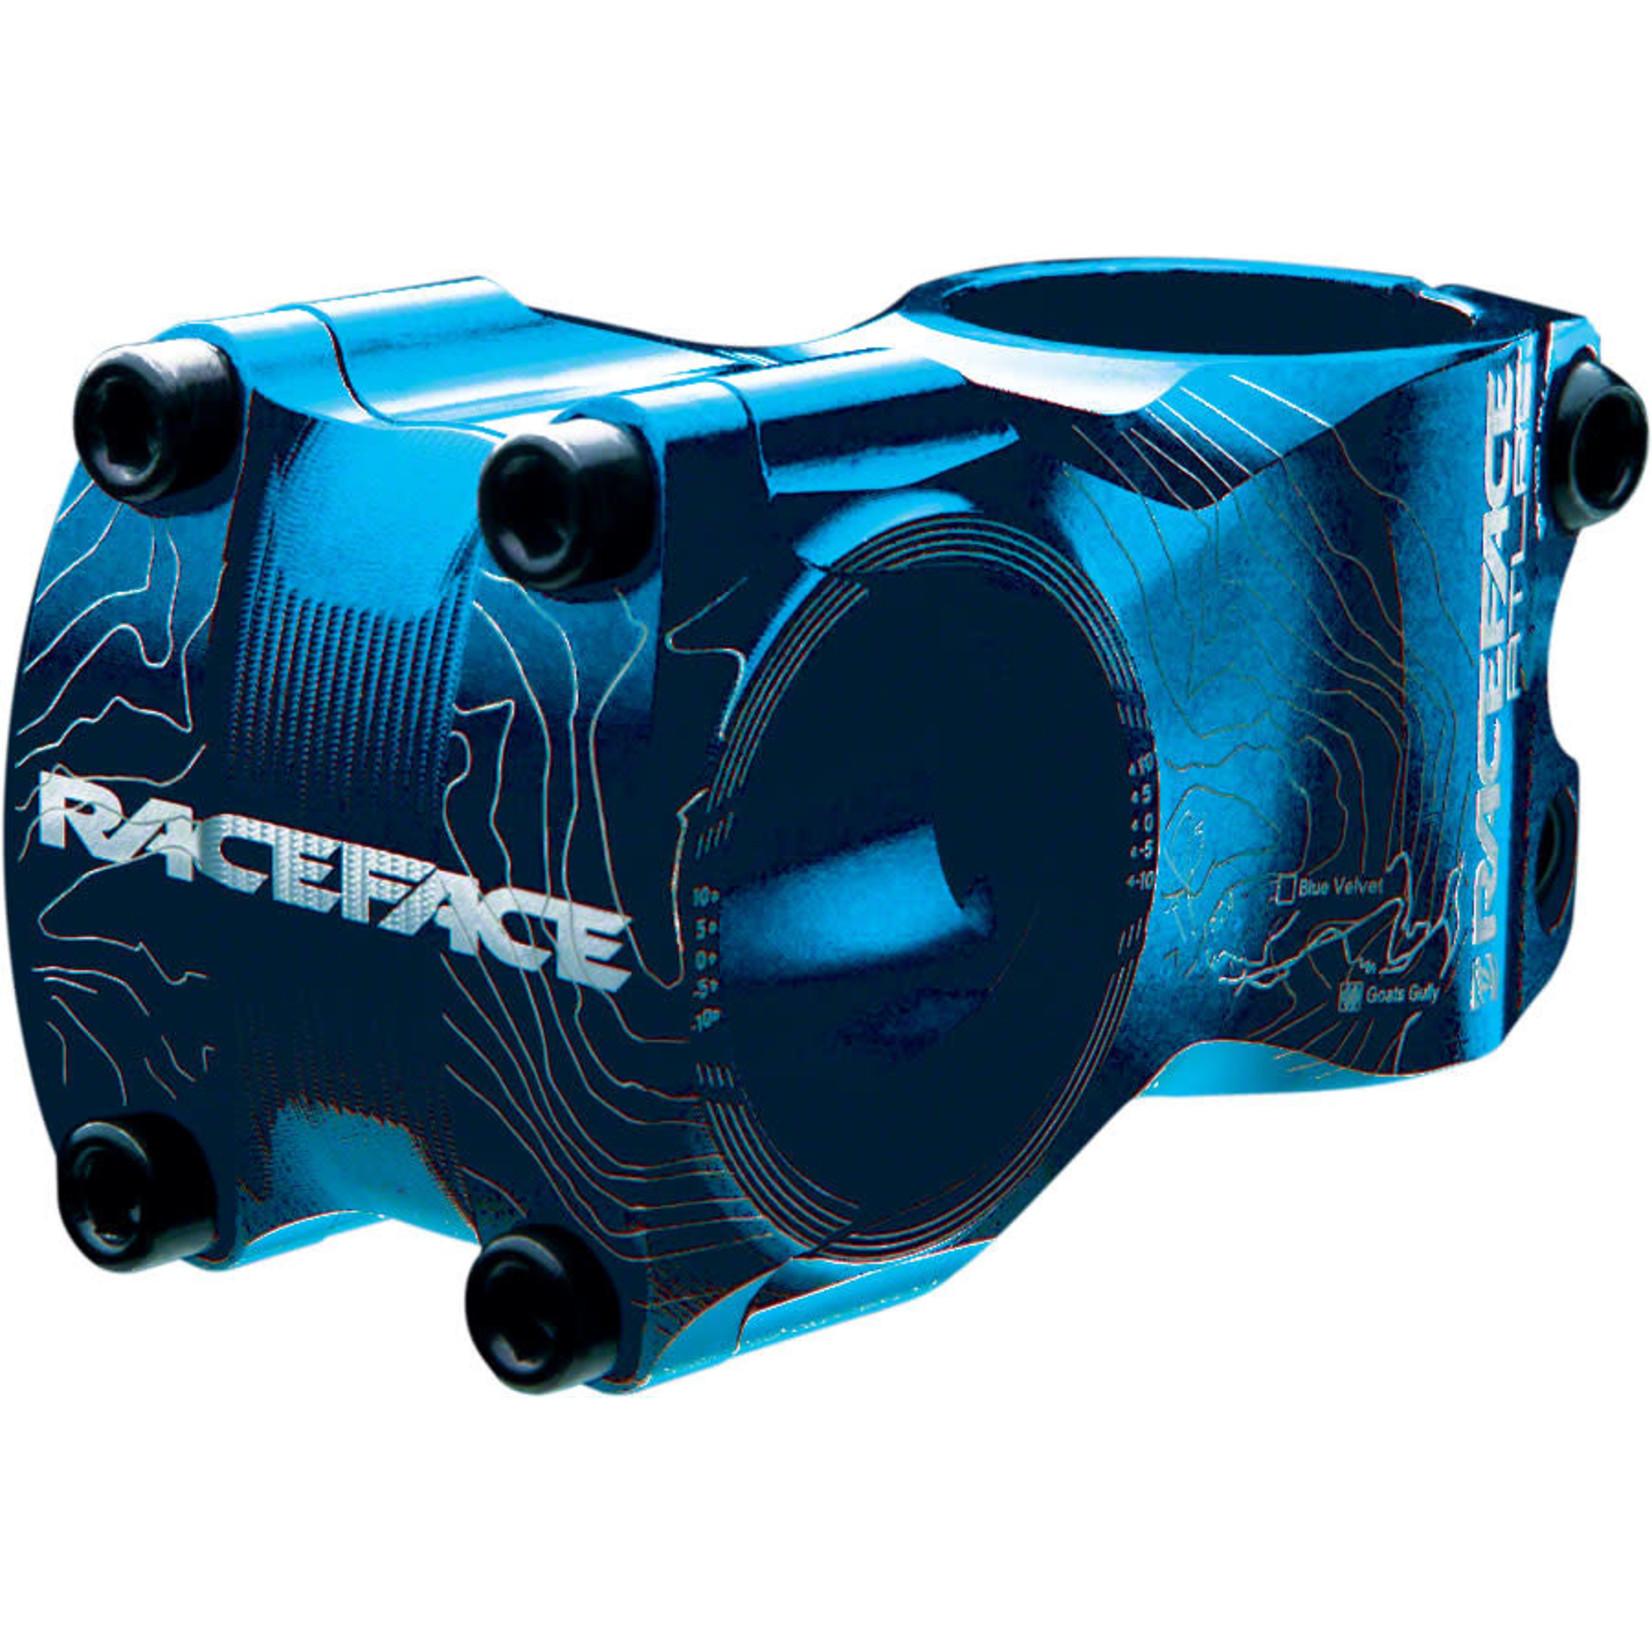 Race Face Race Face Atlas Stem 31.8mm